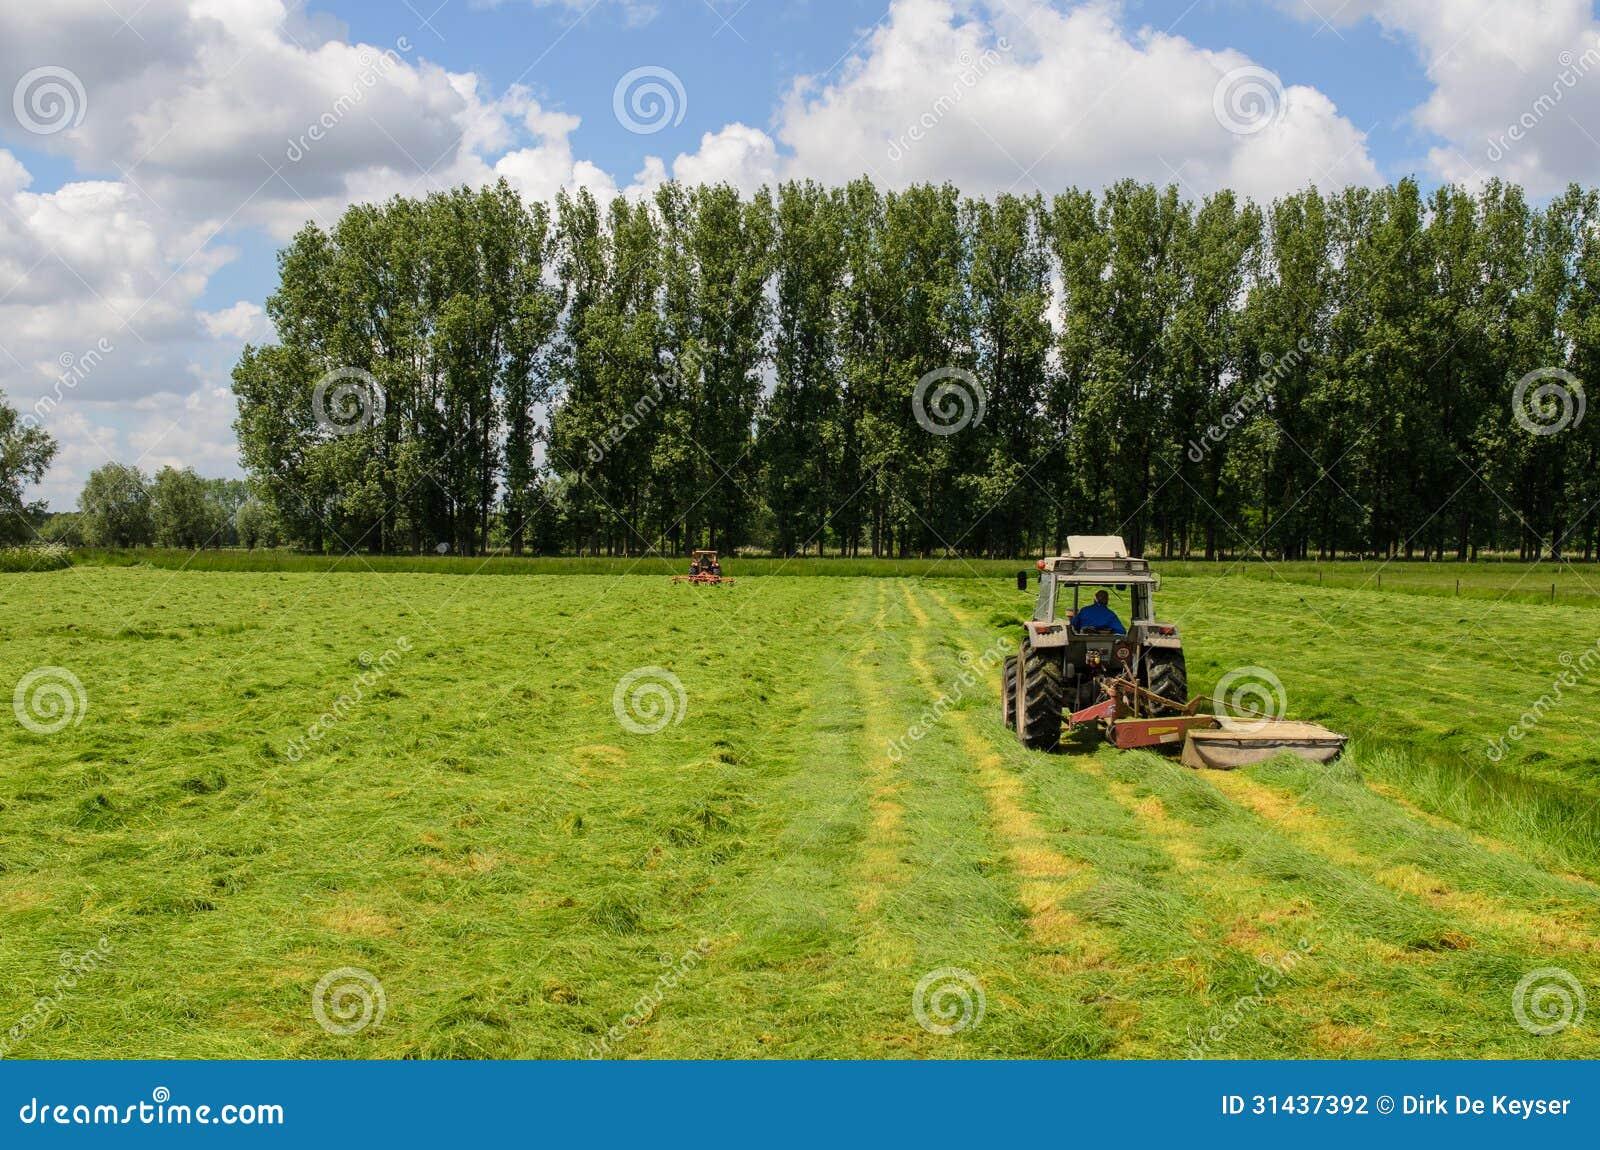 Haymaking tracktors in Flanders field